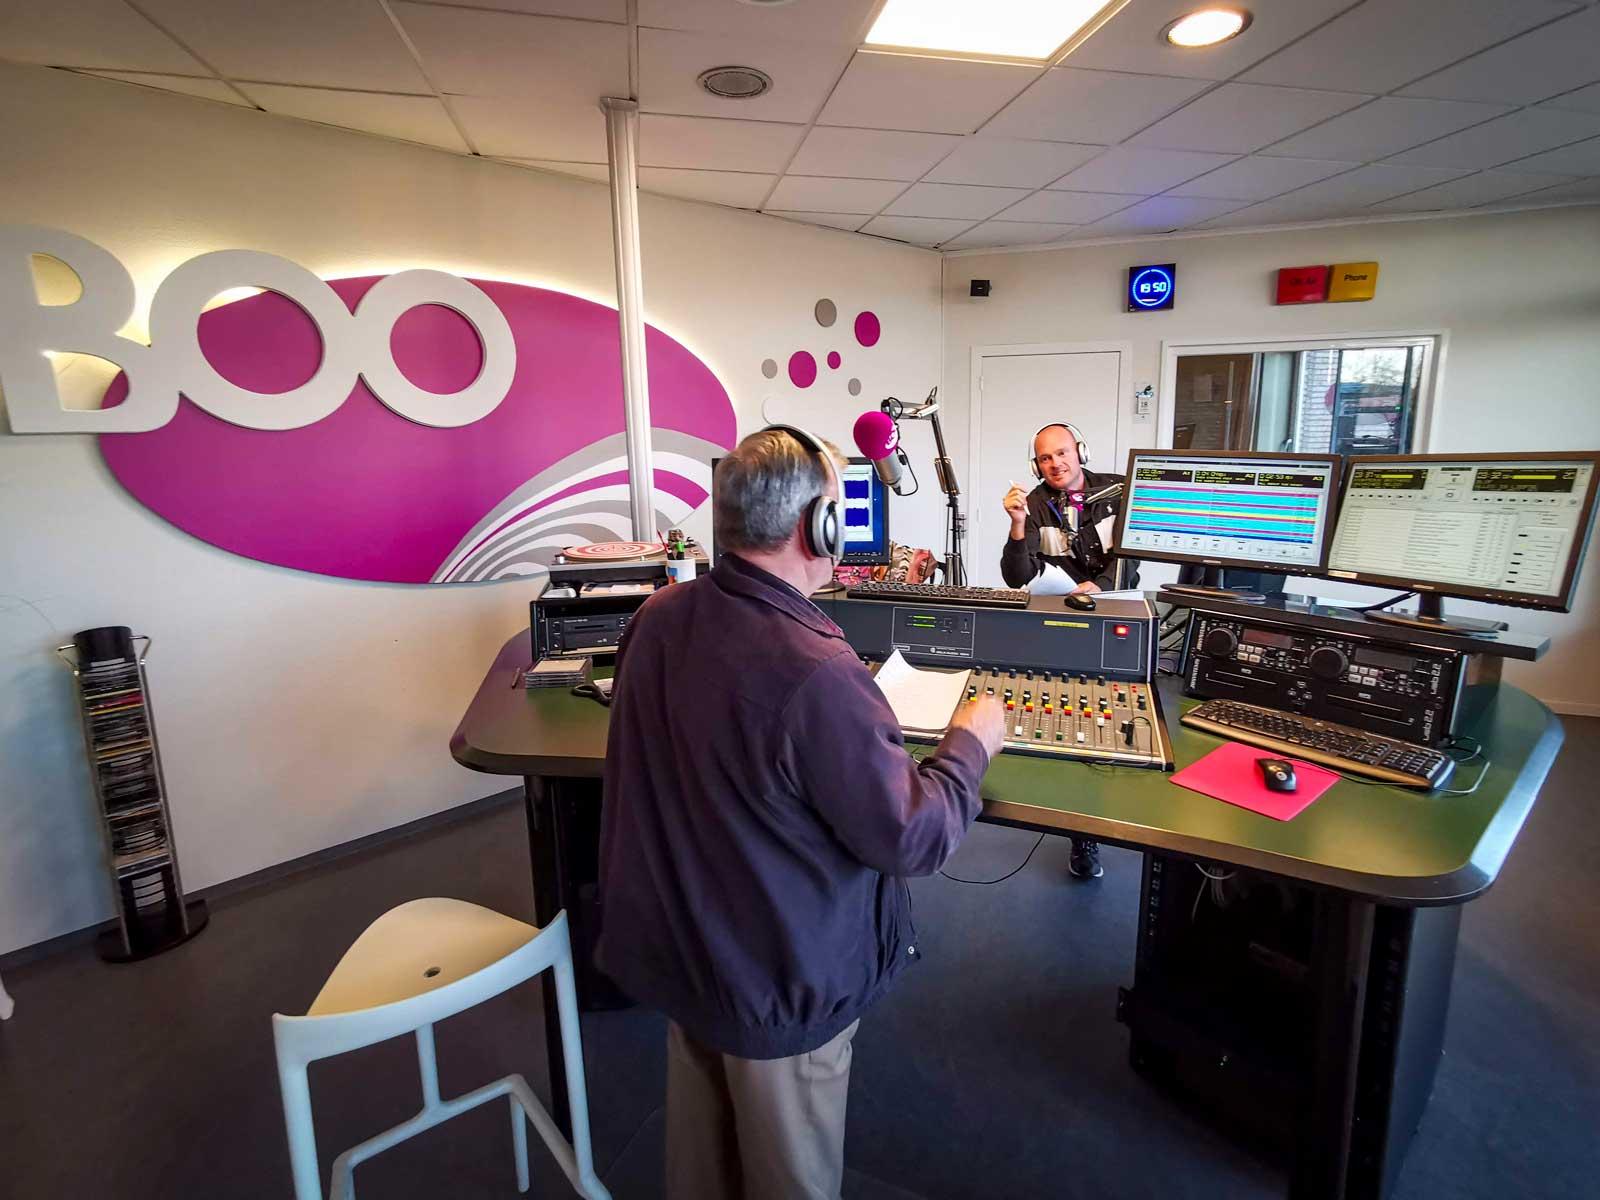 Vi får följa med till vår väns arbetsplats på Radio Boo som spelar klassiska hits dygnet runt.